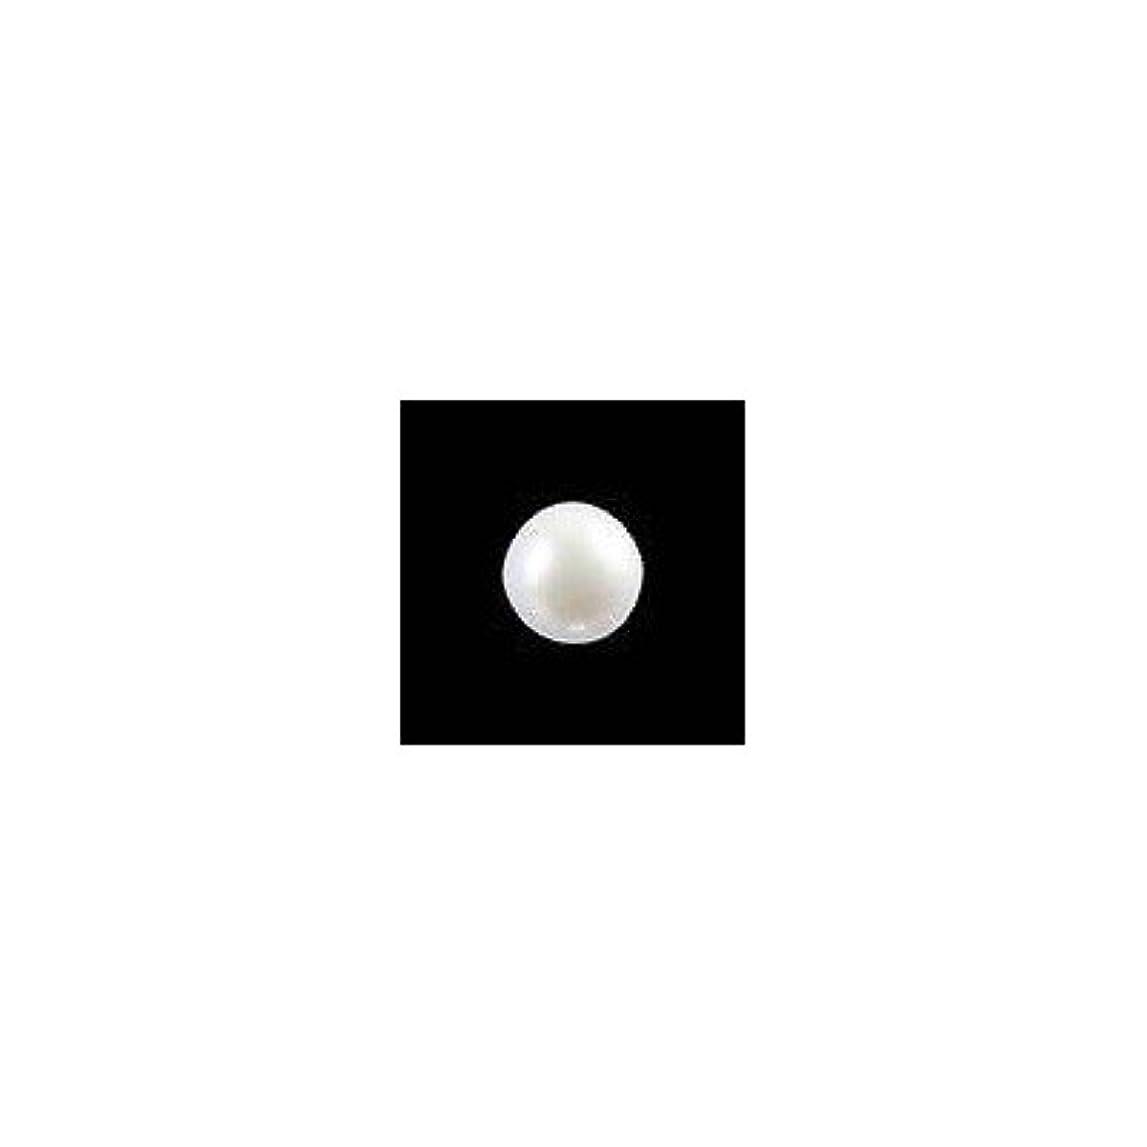 賞祖父母を訪問事務所ピアドラ 大粒パール ラウンド(5mm)24P